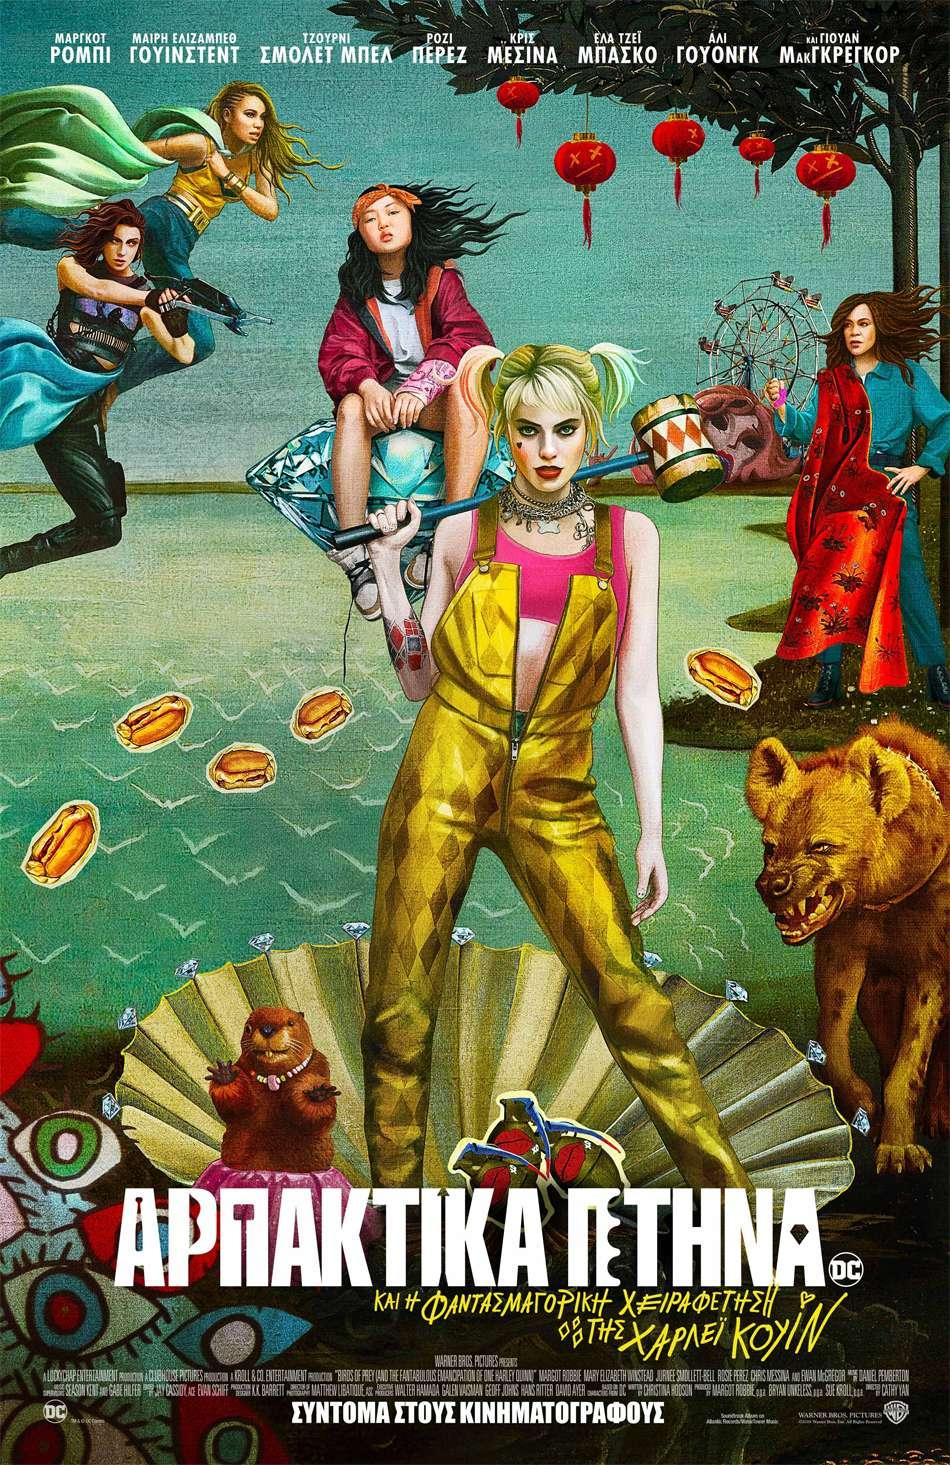 Αρπακτικά Πτηνά Και Η Φαντασμαγορική Χειραφέτηση Της Χάρλει Κουίν (Birds Of Prey & The Fantabulous Emancipation Of One Harley Quinn) Poster